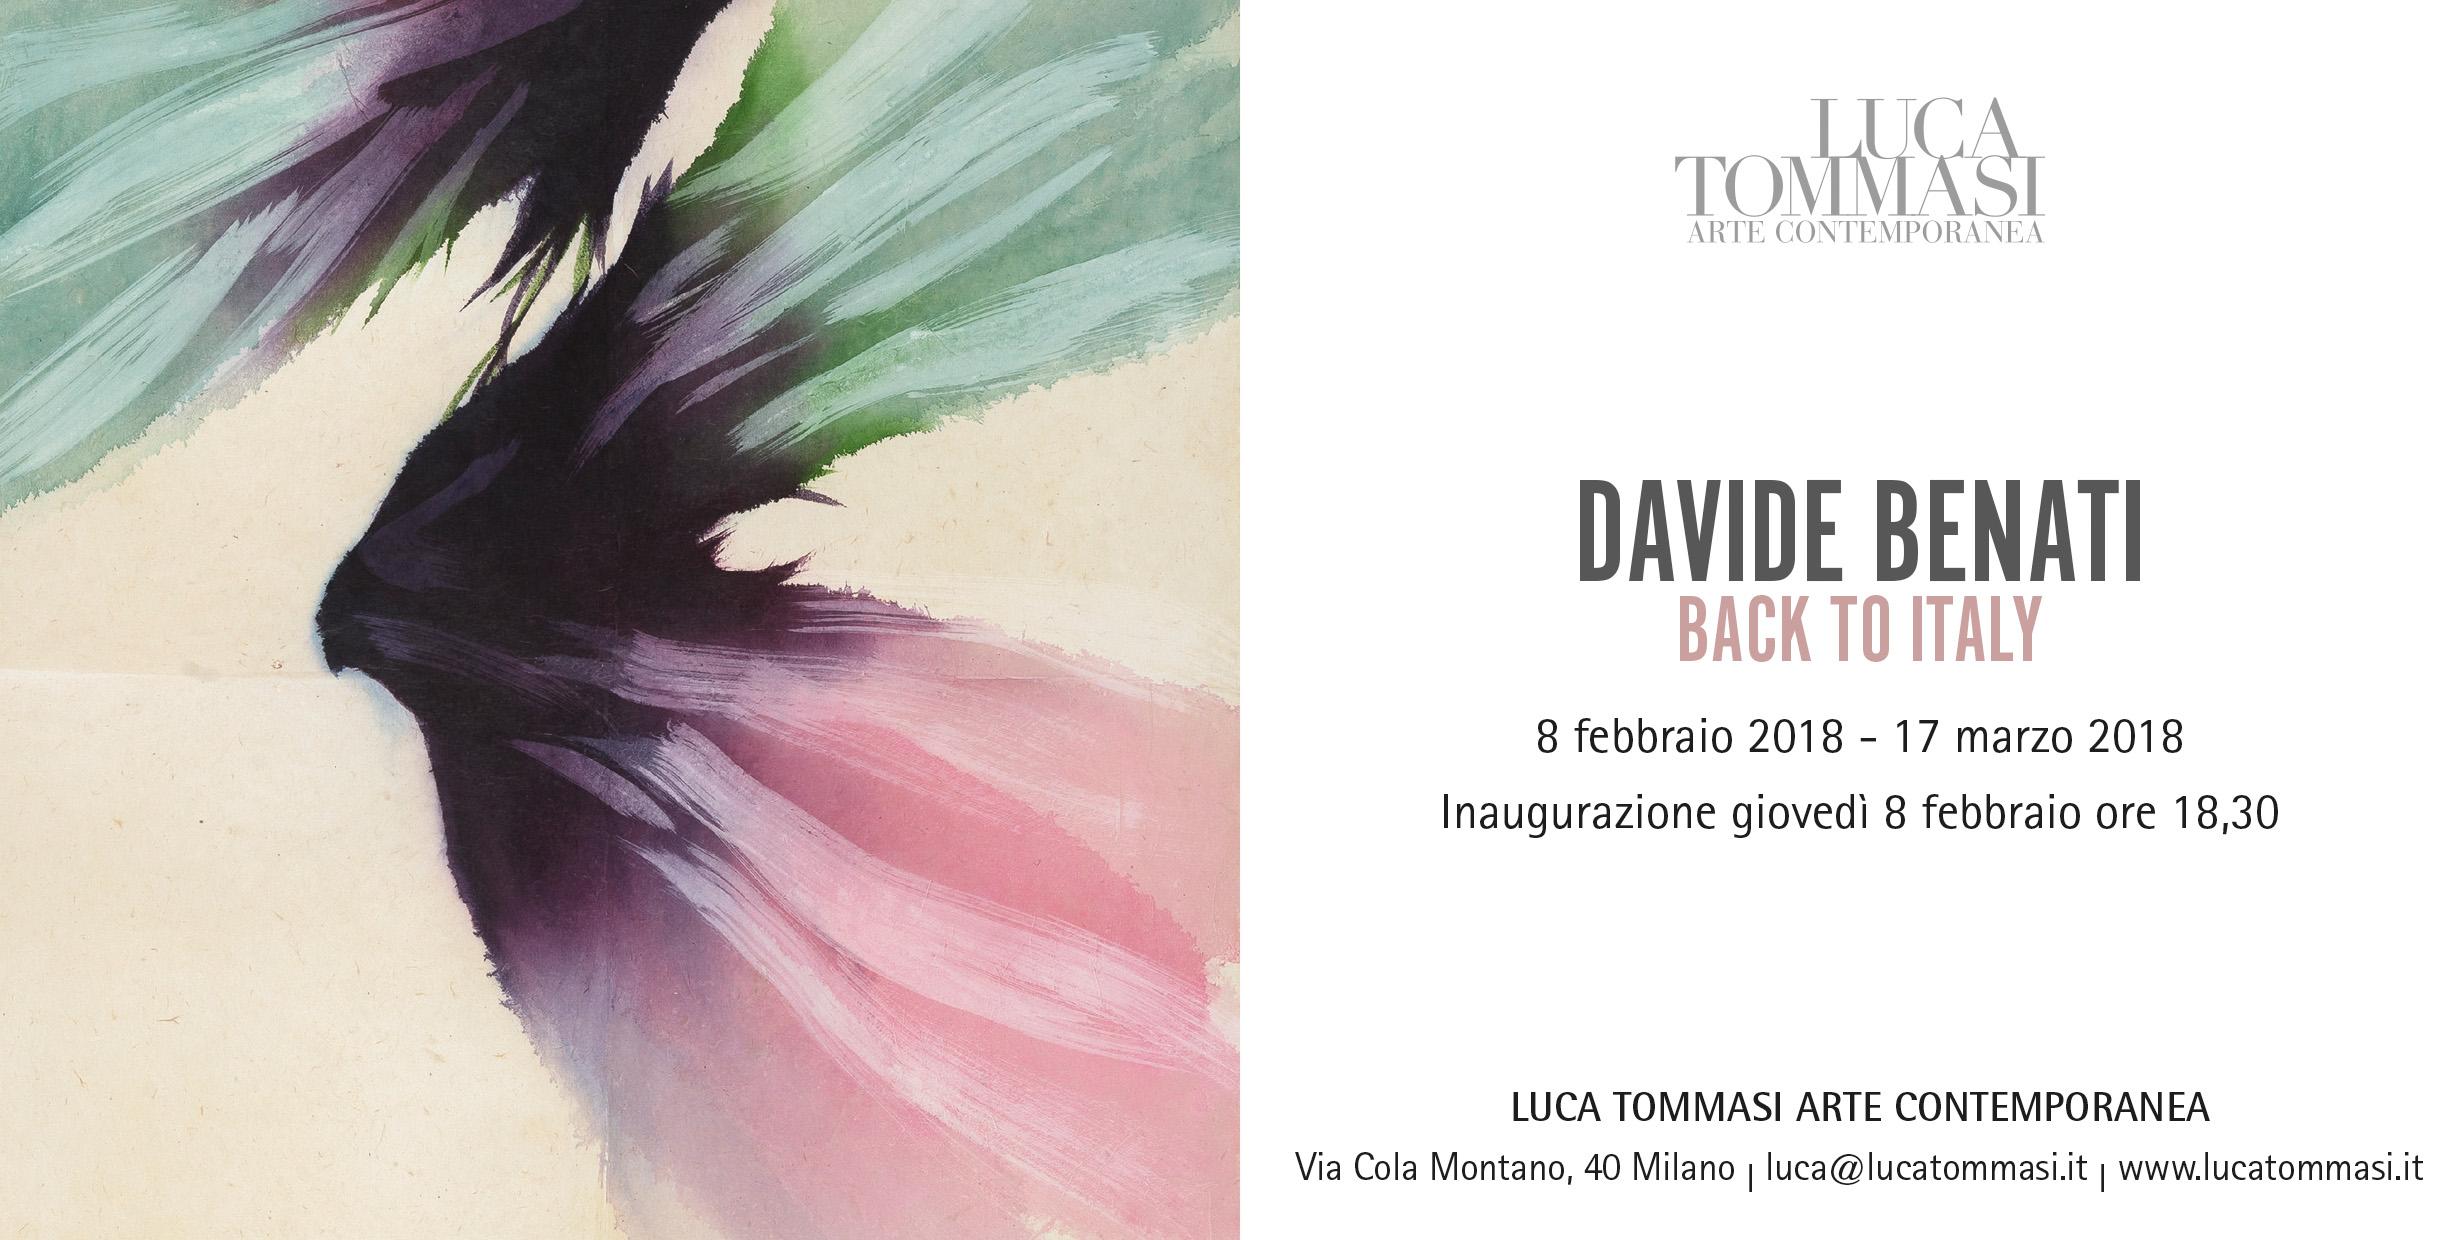 Davide Benati – Back to Italy